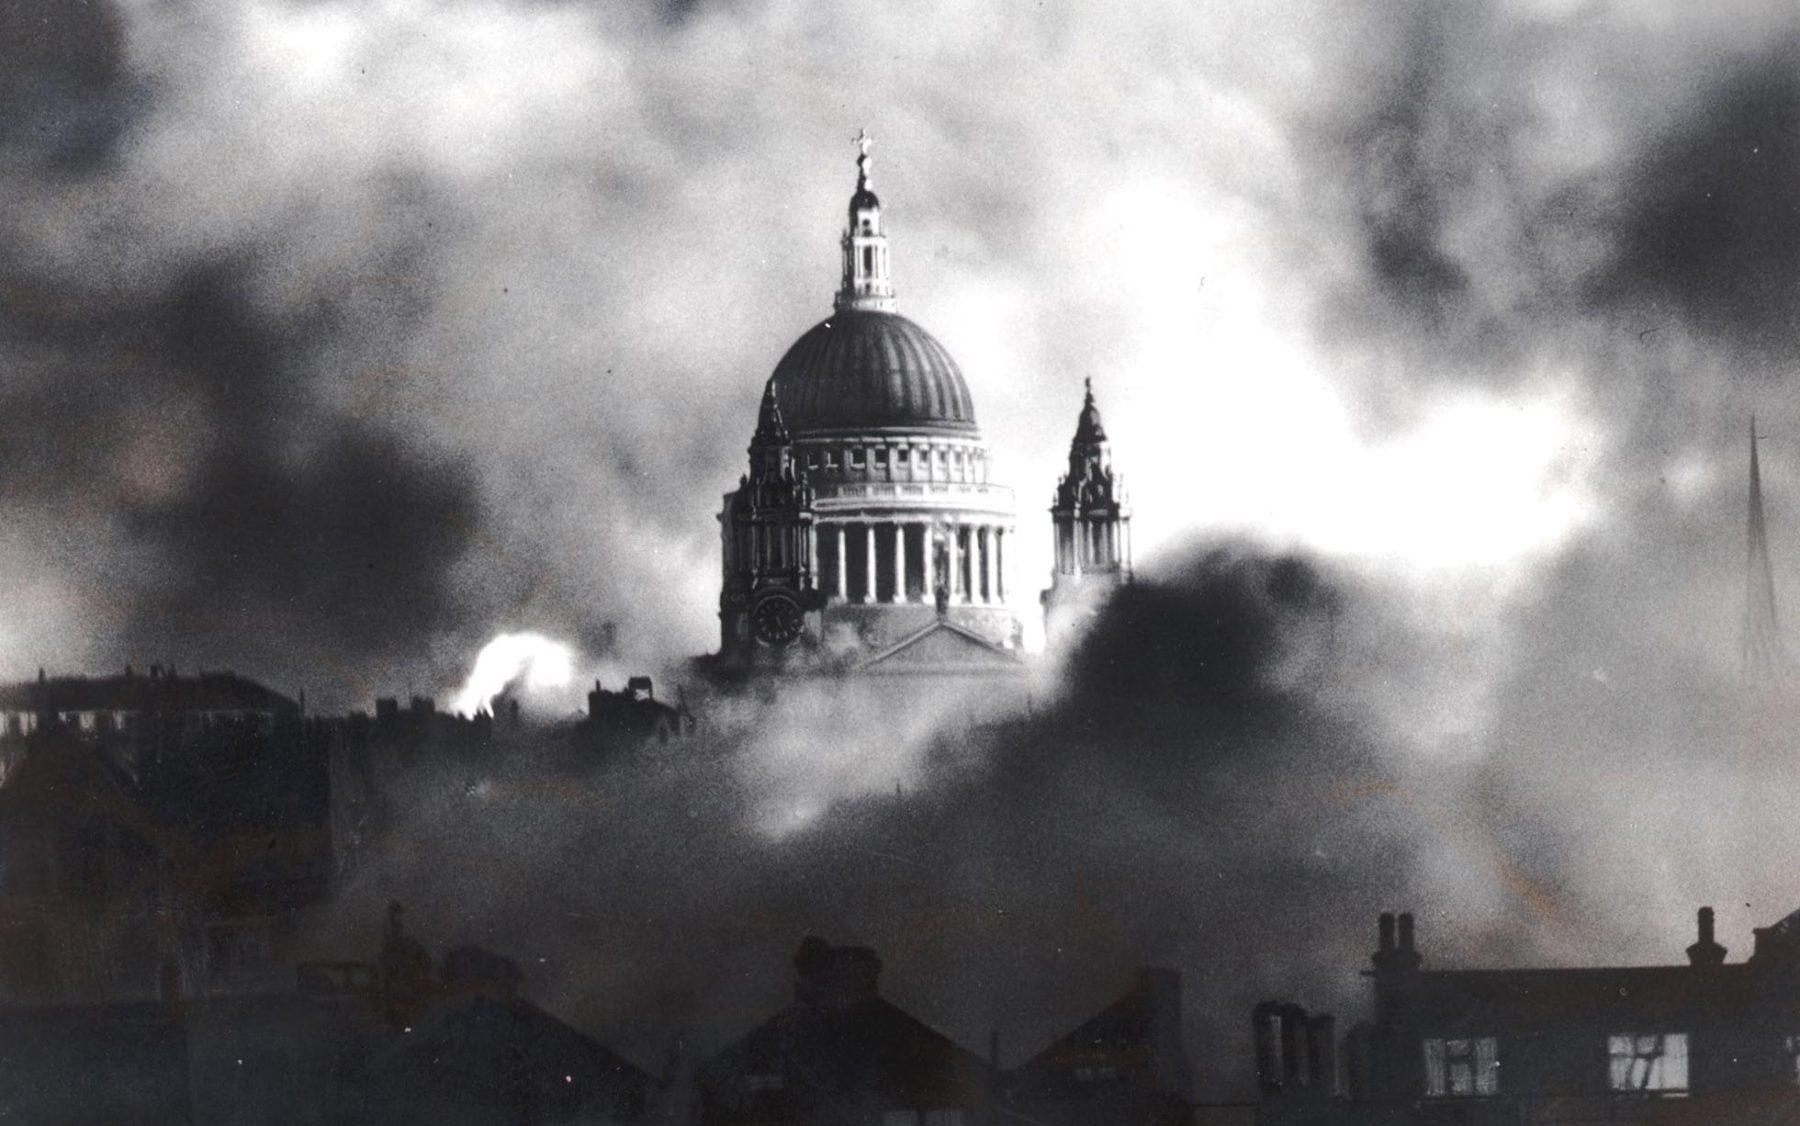 Herbert Mason - London Blitz, St Pauls, 1940